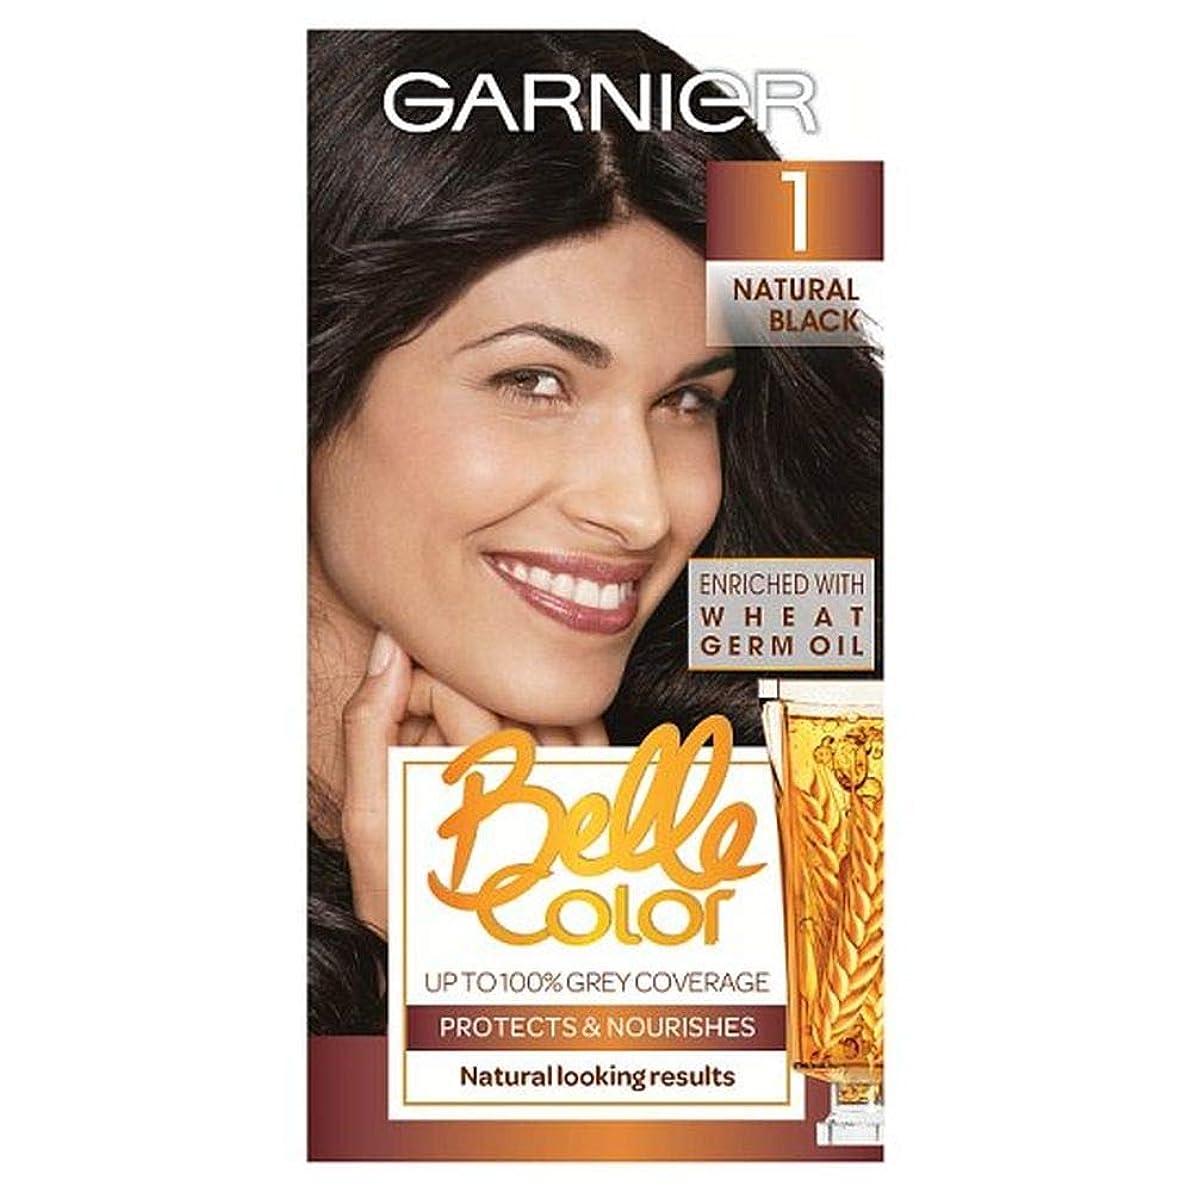 もの望む収入[Belle Color ] ガーン/ベル/Clr 1黒のパーマネントヘアダイ - Garn/Bel/Clr 1 Black Permanent Hair Dye [並行輸入品]